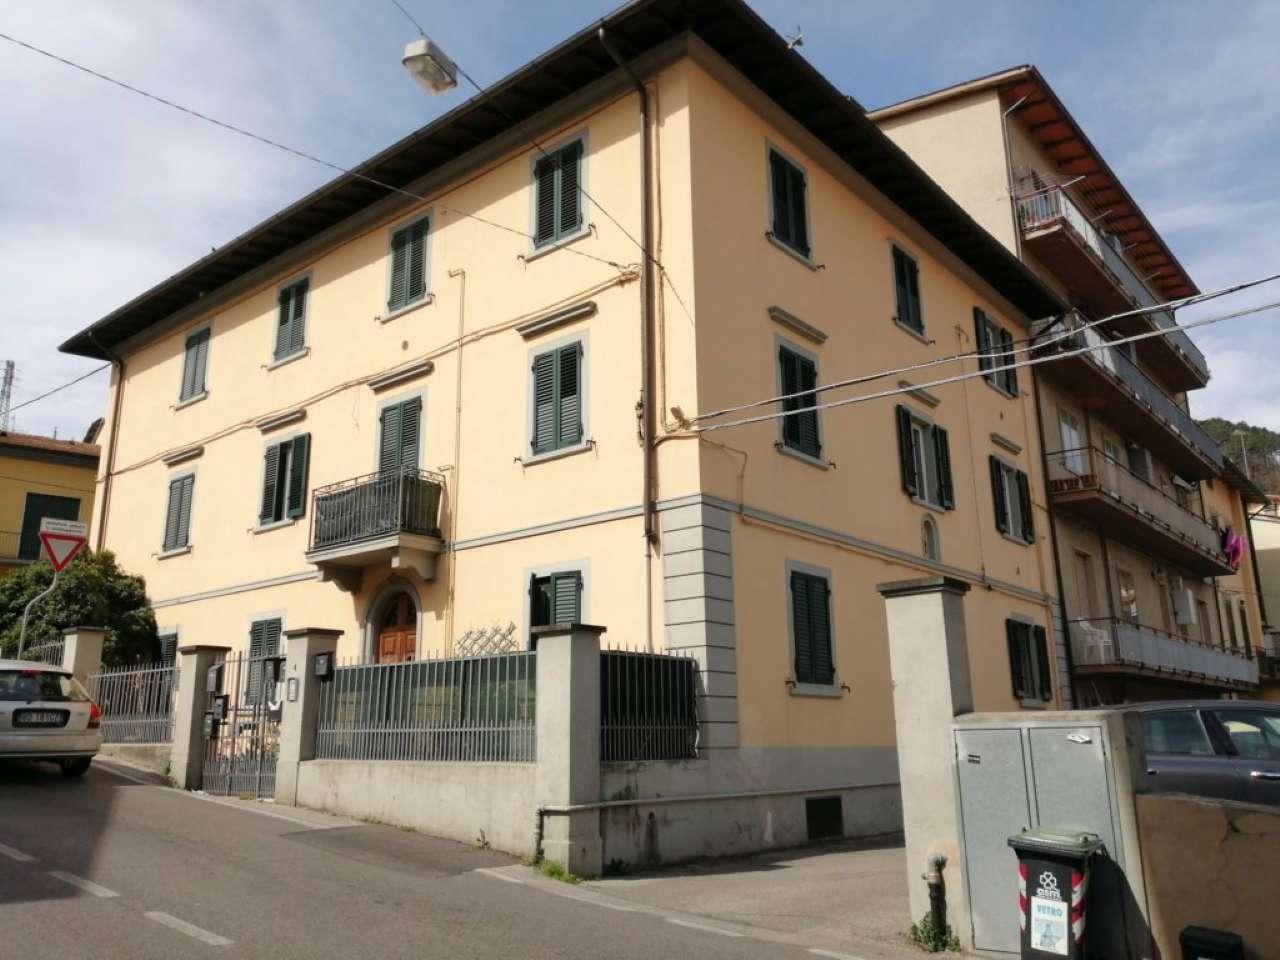 Appartamento in vendita a Vaiano, 4 locali, prezzo € 148.000 | PortaleAgenzieImmobiliari.it